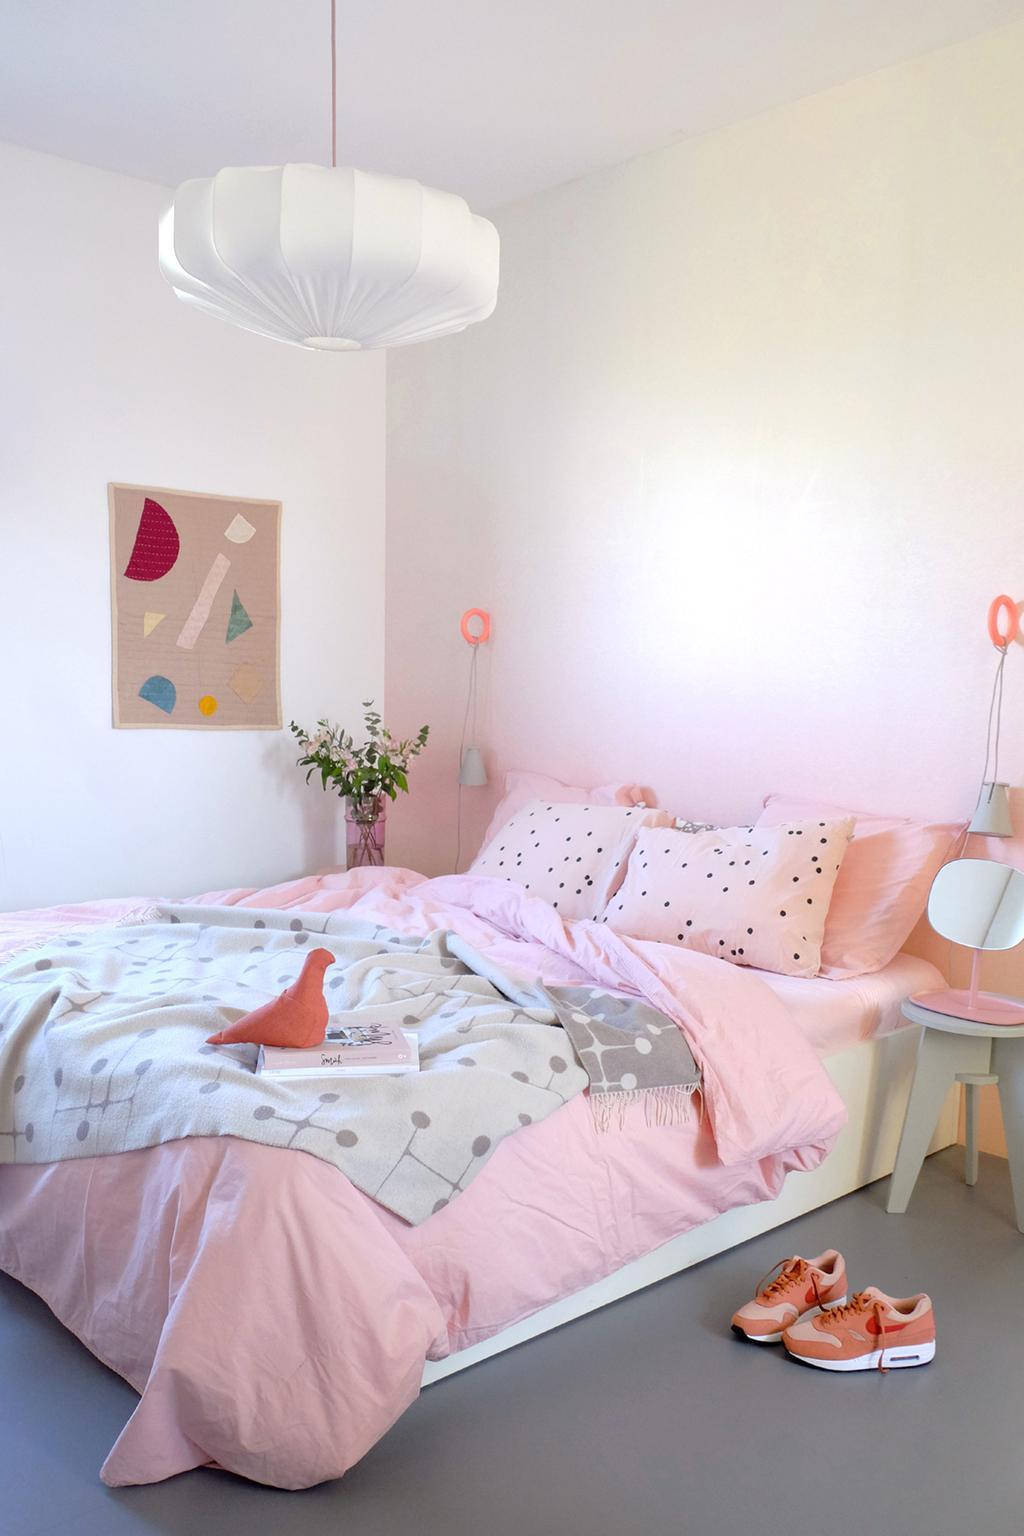 Hanglamp van Lampverket in de roze slaapkamer van PRCHTG